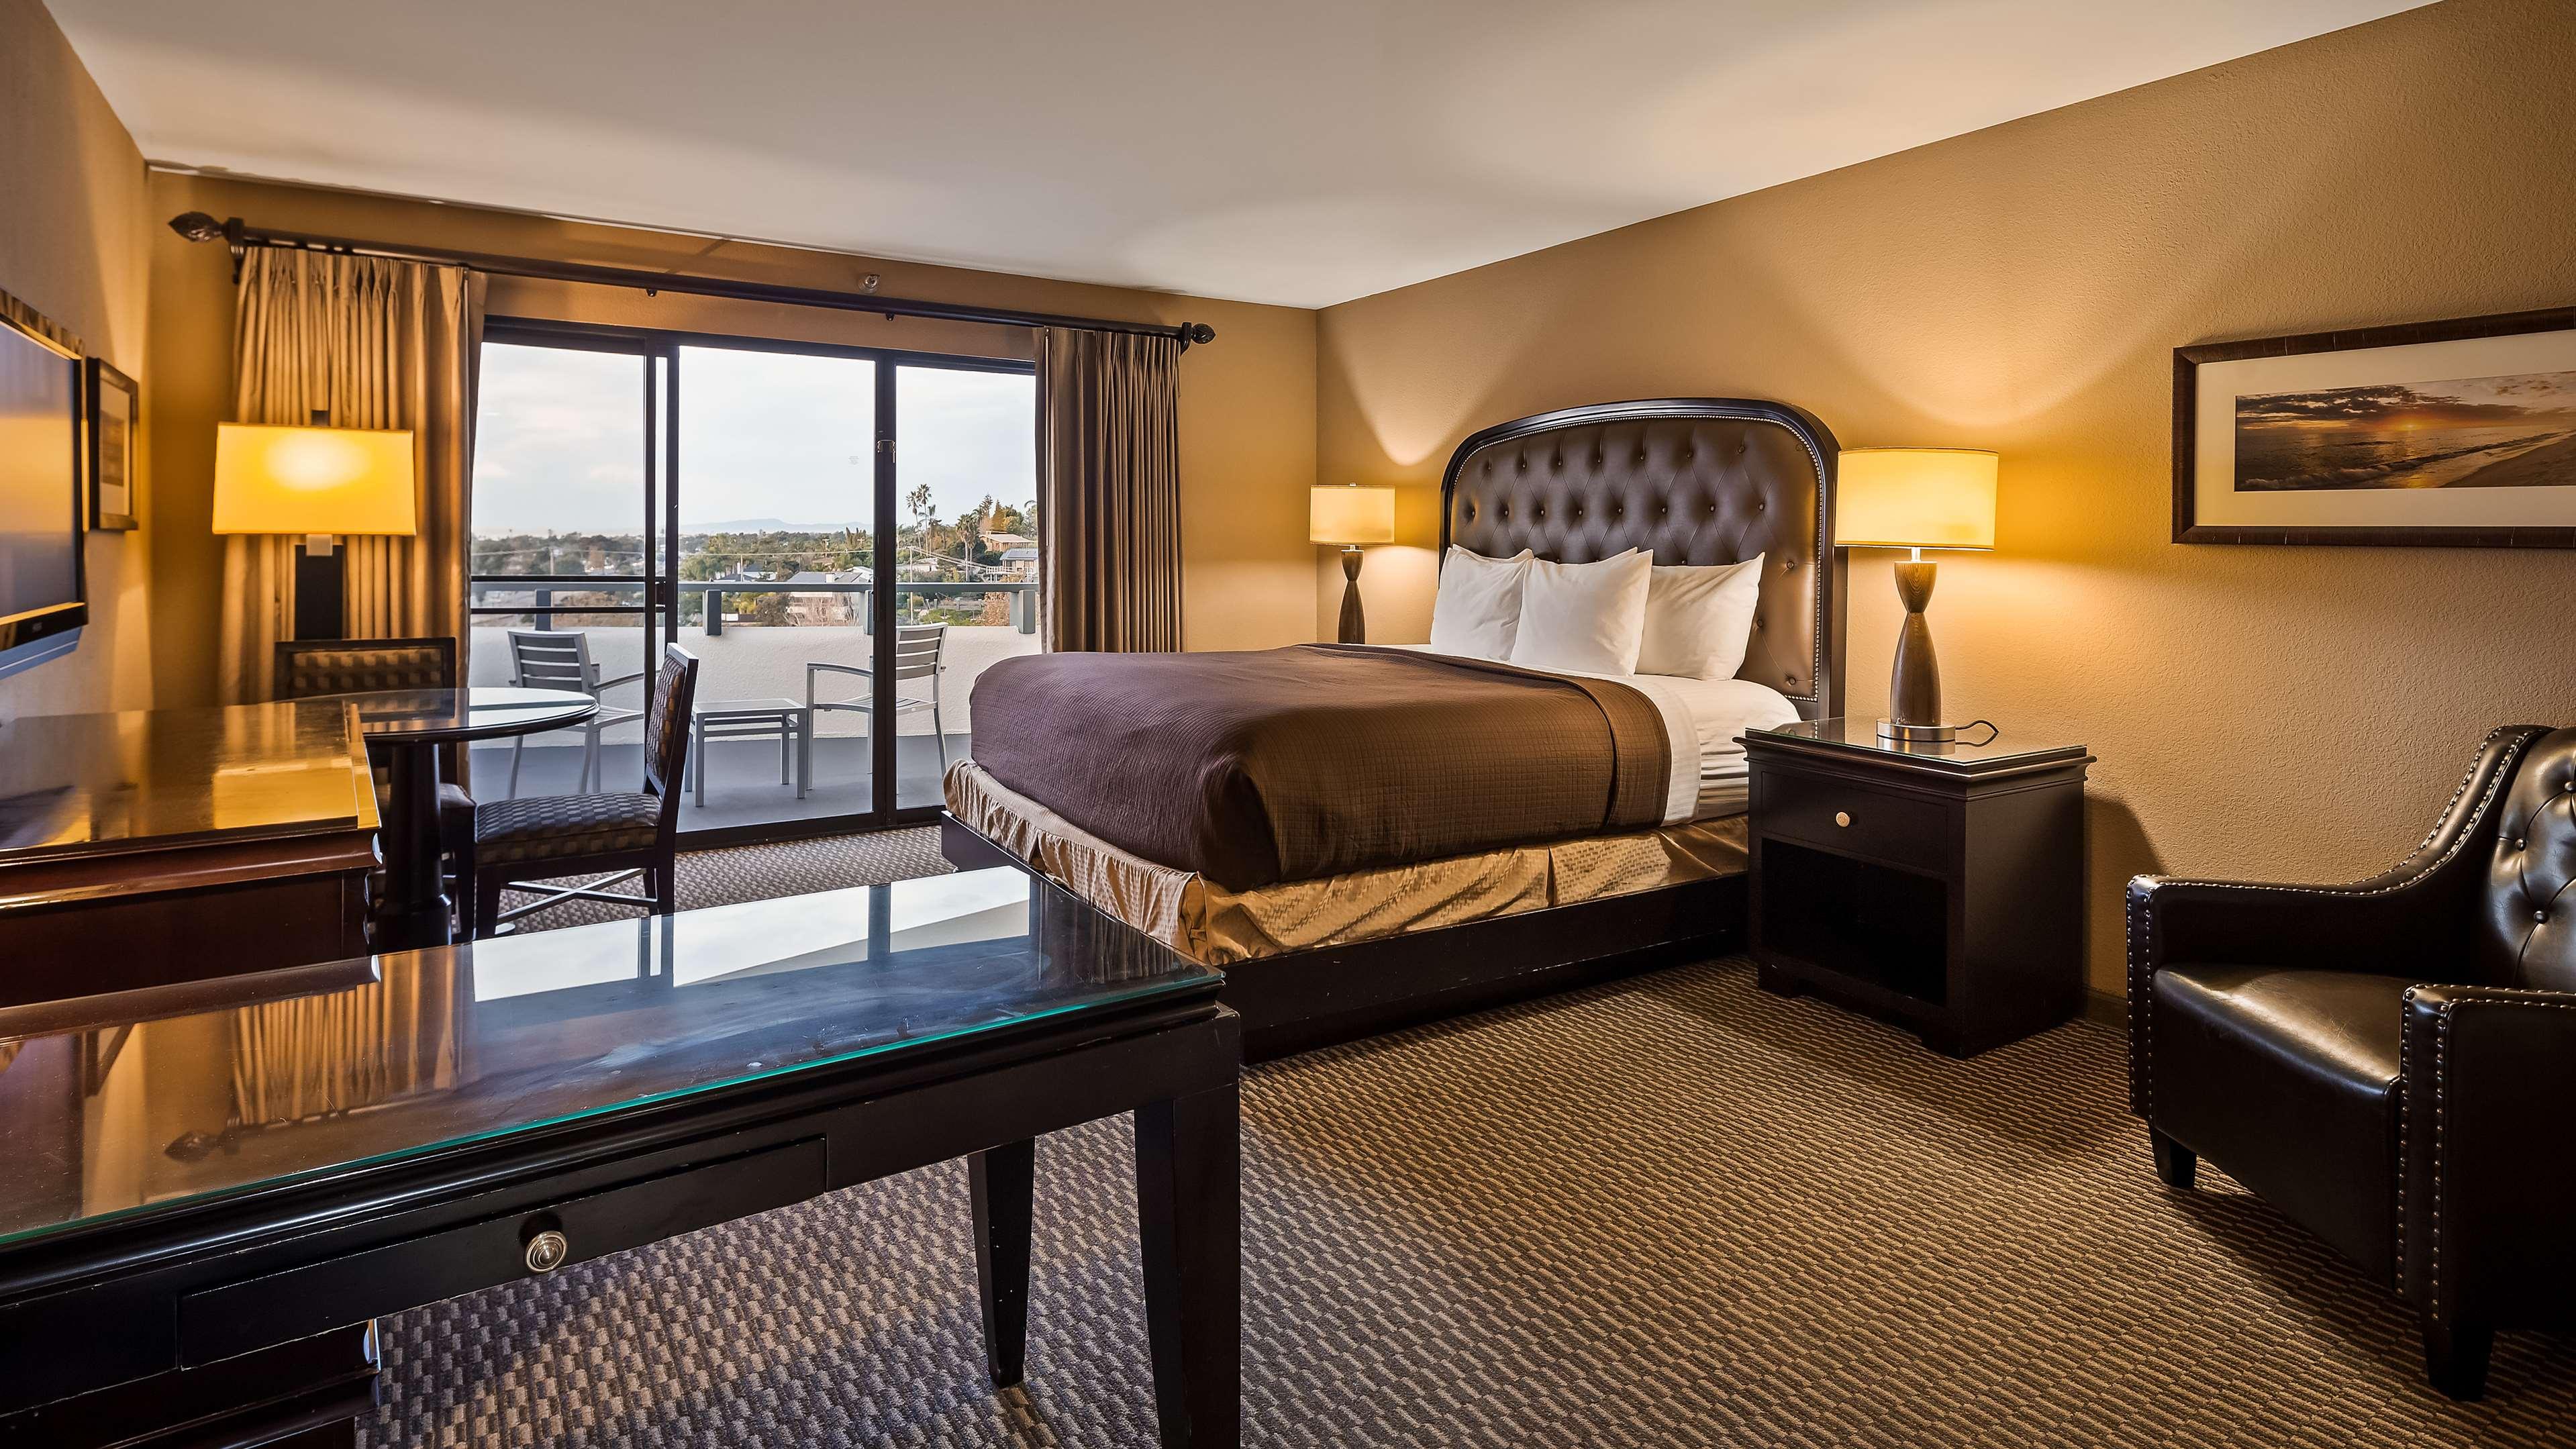 Best Western Encinitas Inn & Suites at Moonlight Beach image 9